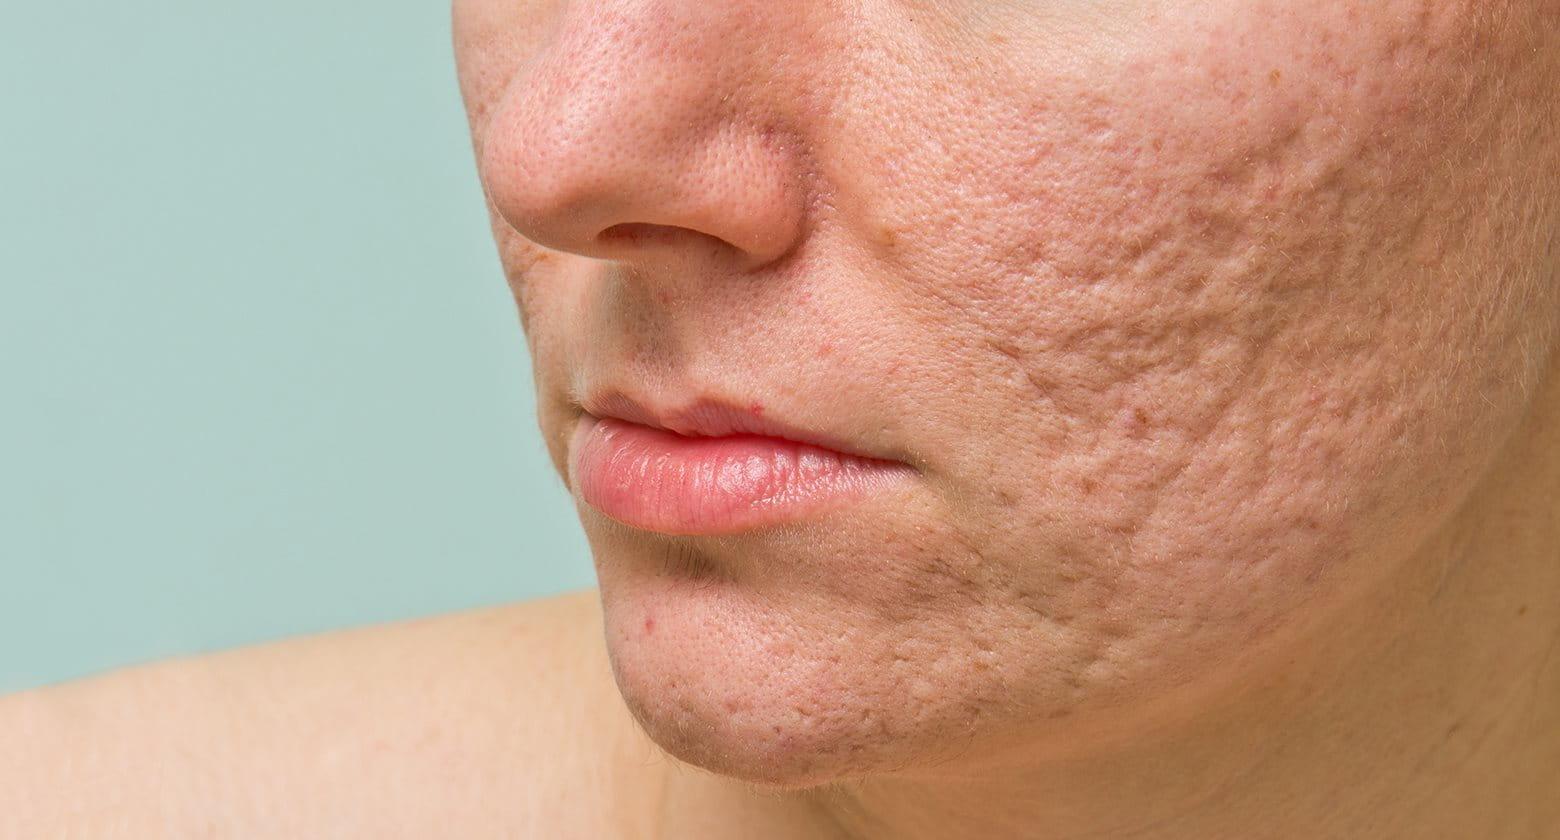 Cicatrices atróficas para secuela de acné.